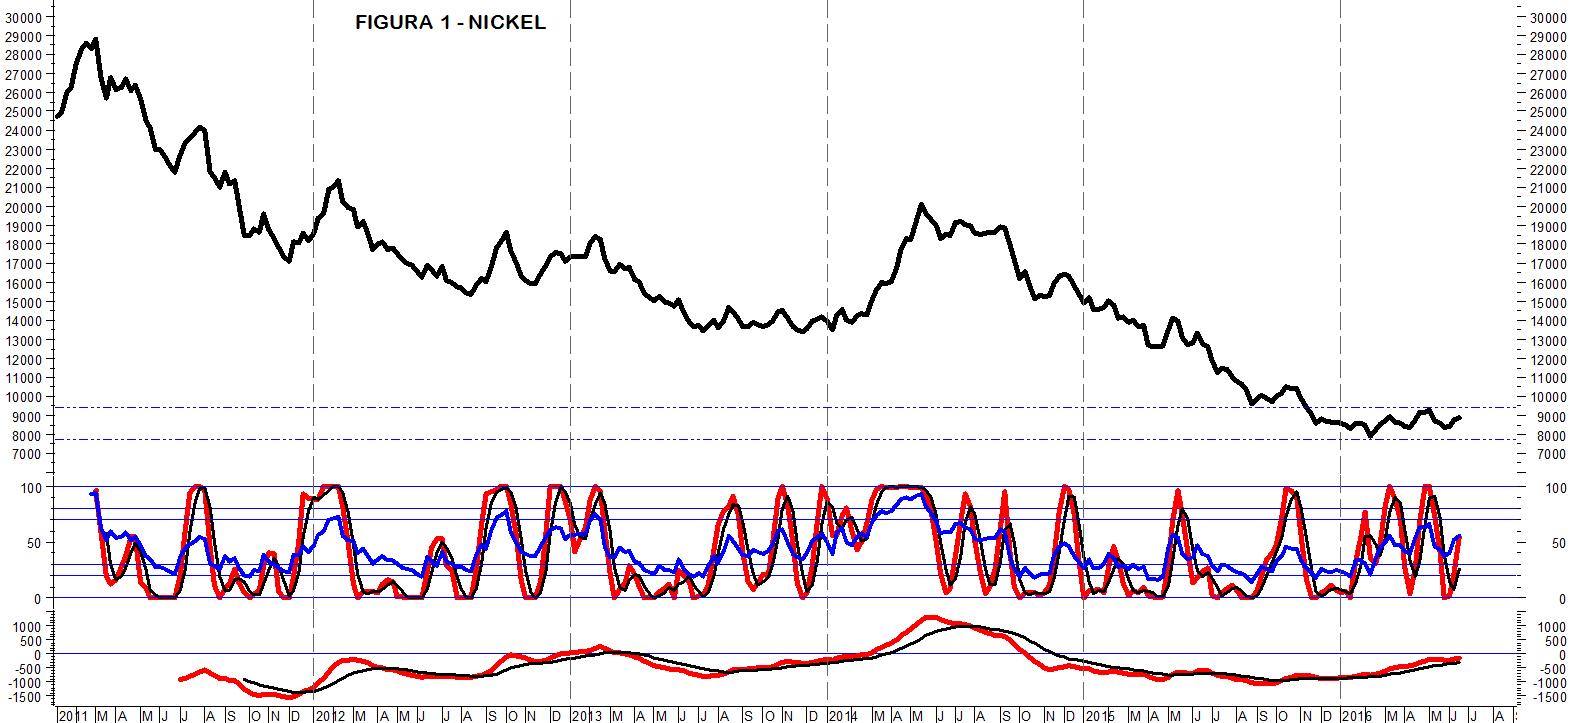 Analisi dei prezzi dell\'acciaio | Siderweb - La community dell\'acciaio